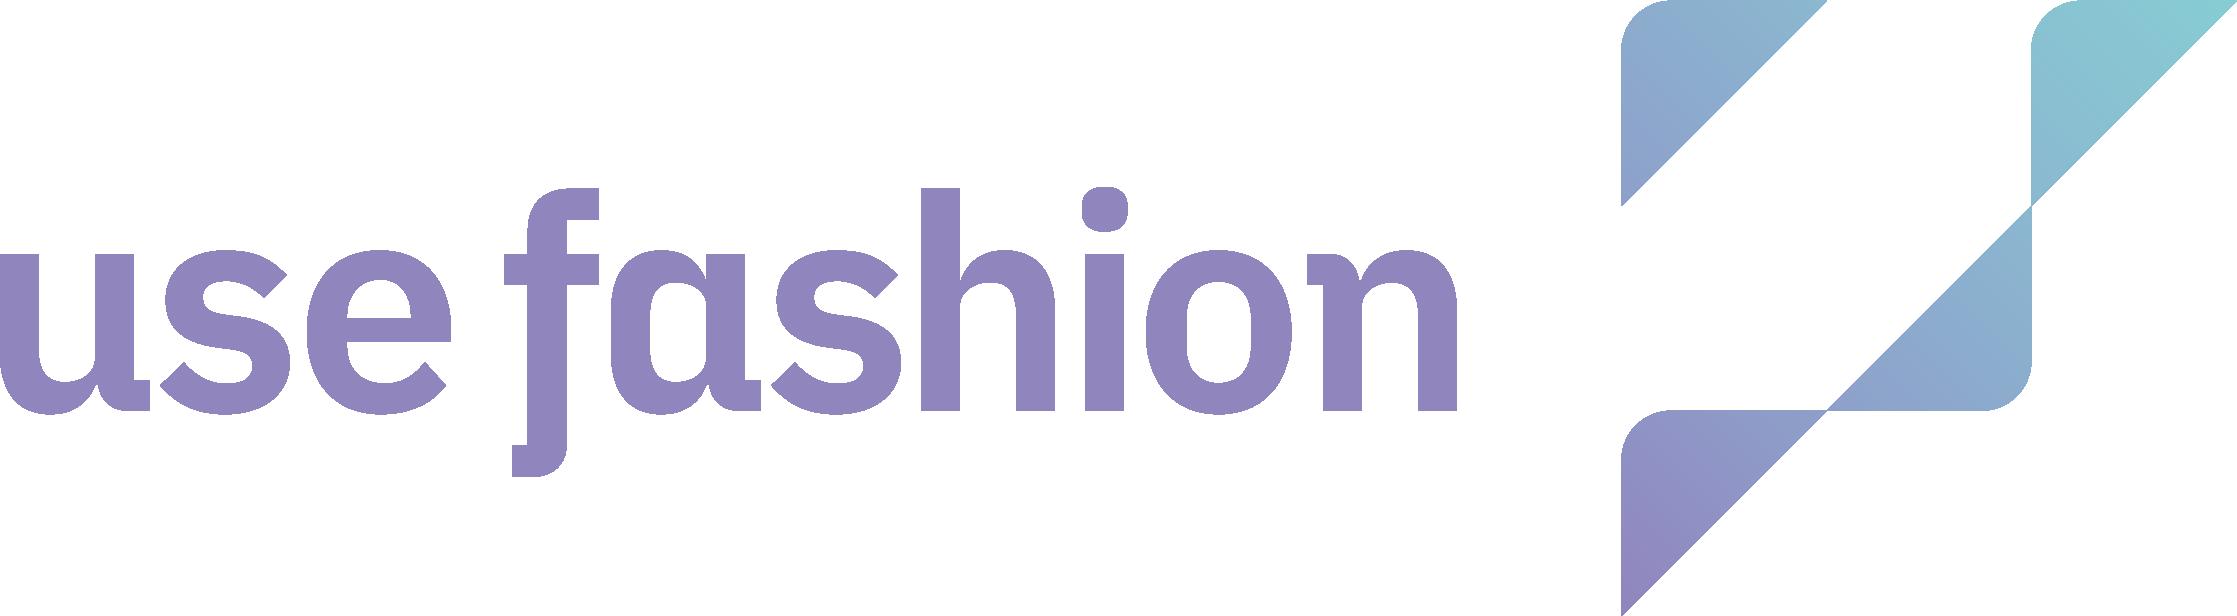 plataforma-de-informacao-de-moda